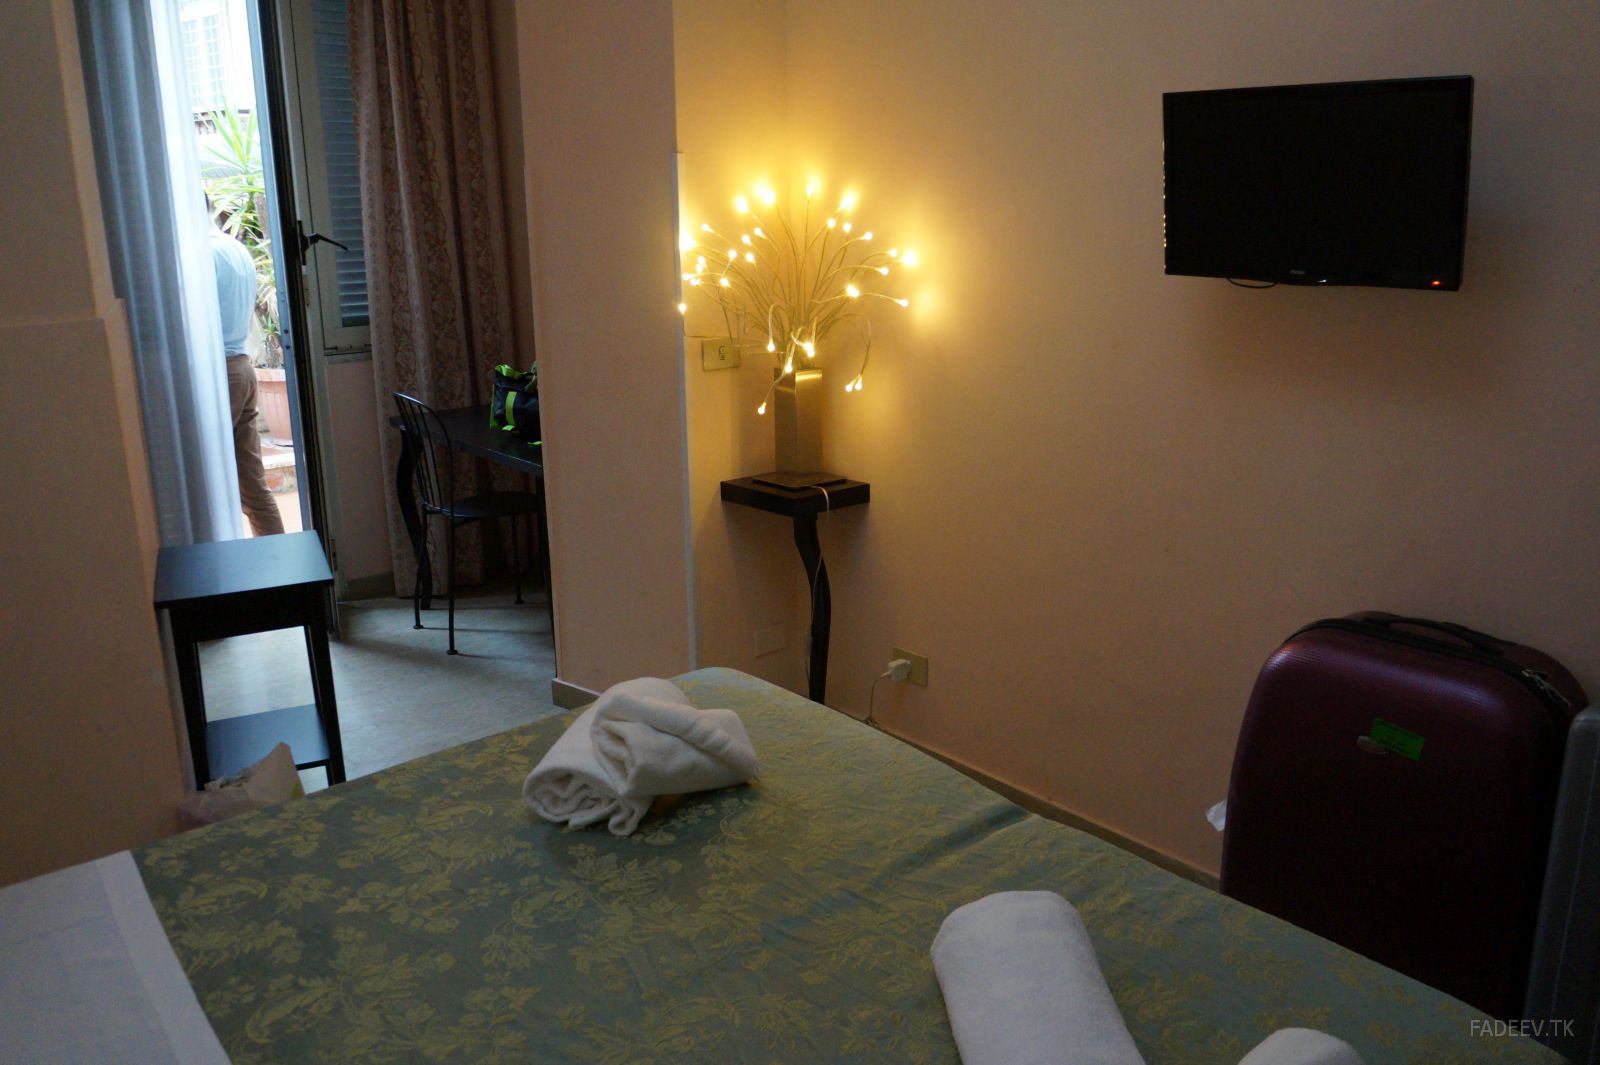 Отель Center 3 Рим 3* Hotel Center 3 Rome 3*